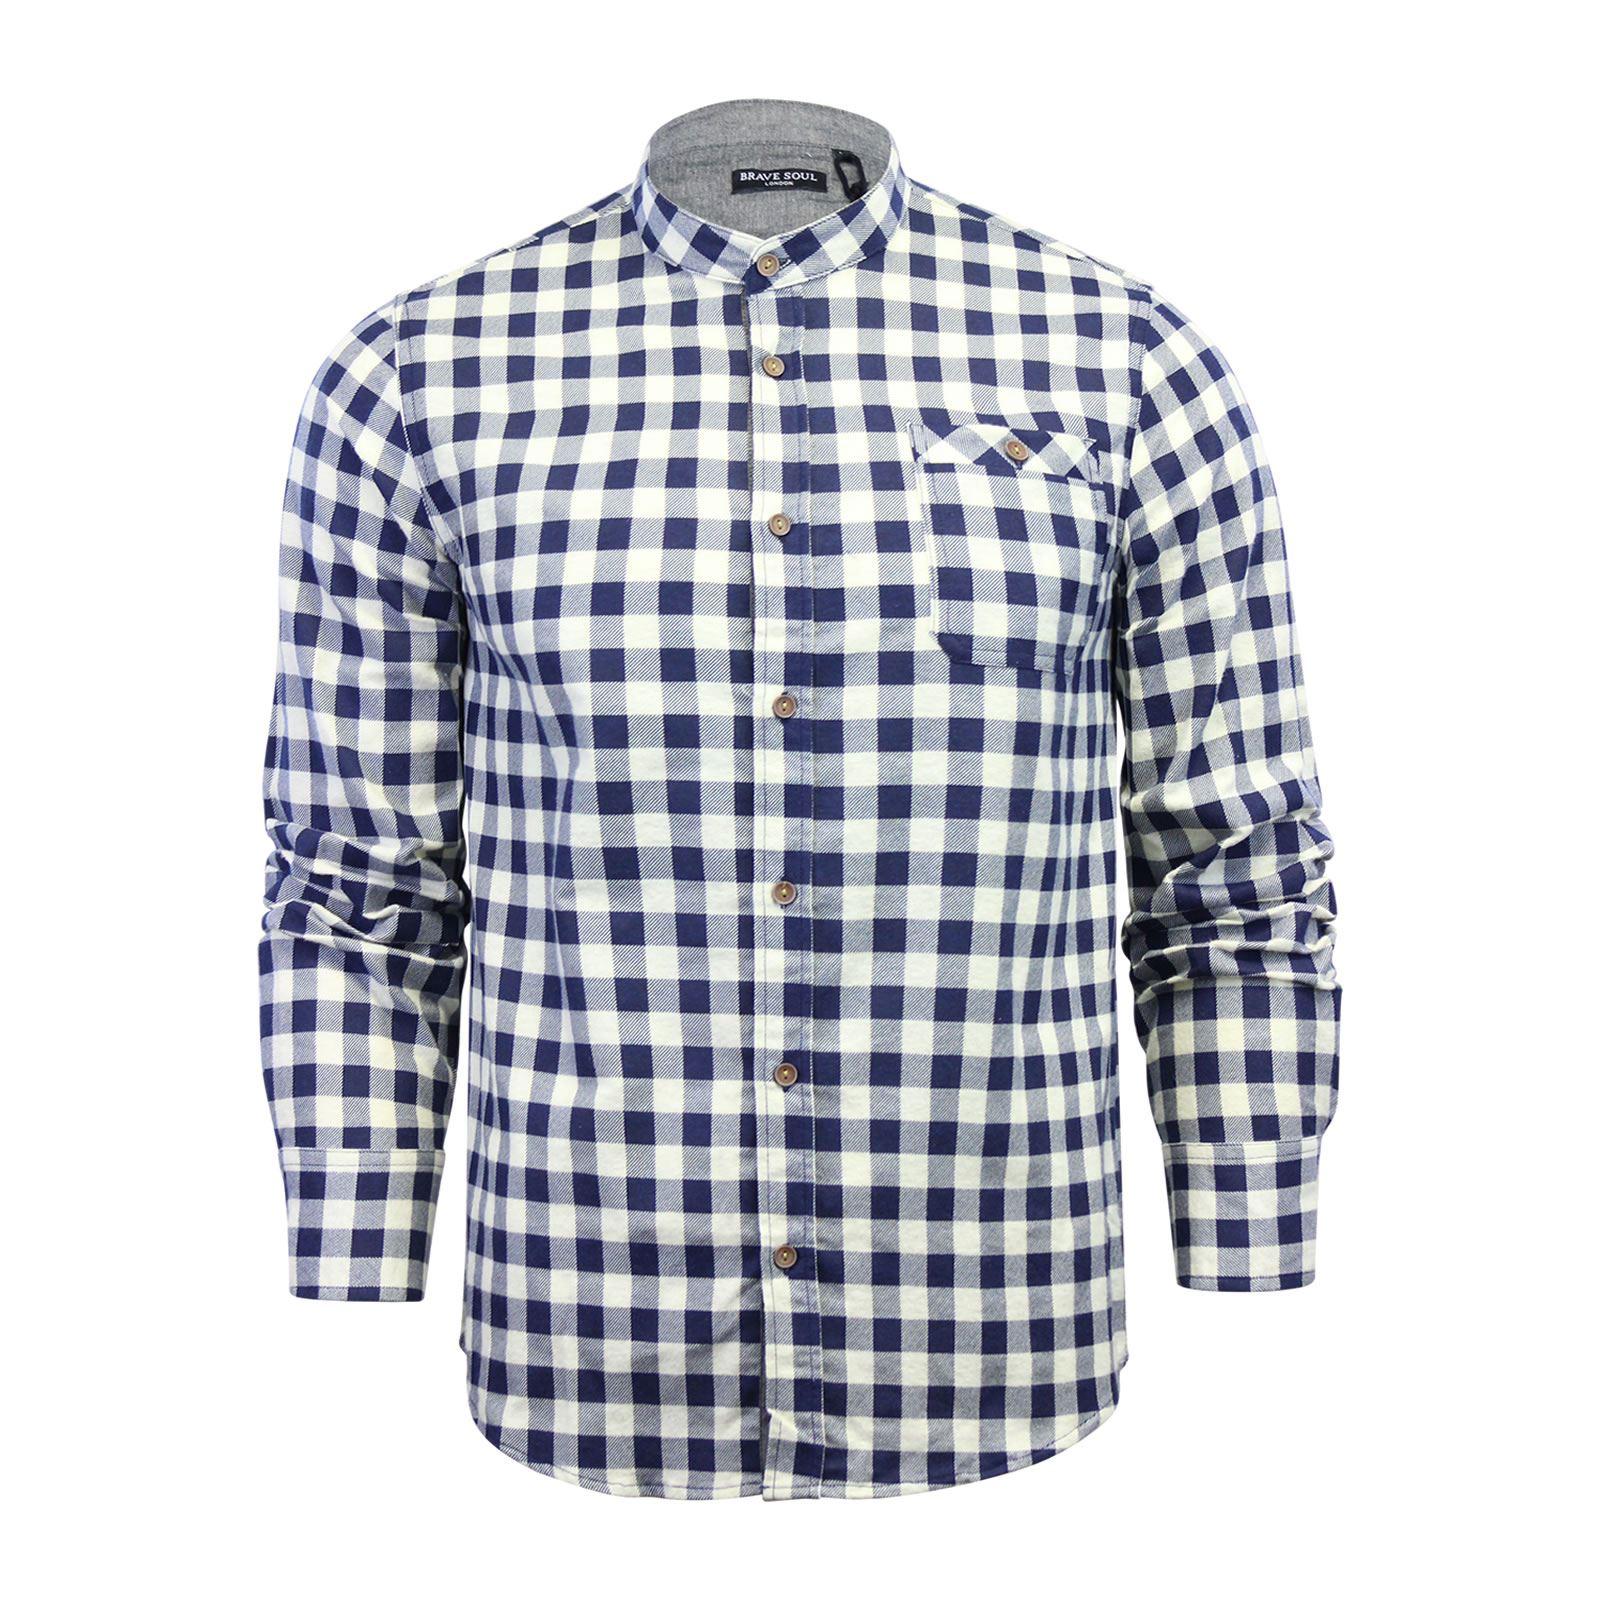 Alma-VALIENTE-HOMBRE-compruebe-Camisa-Algodon-Cepillado-De-Franela-Top-Manga-Larga-Casual miniatura 77